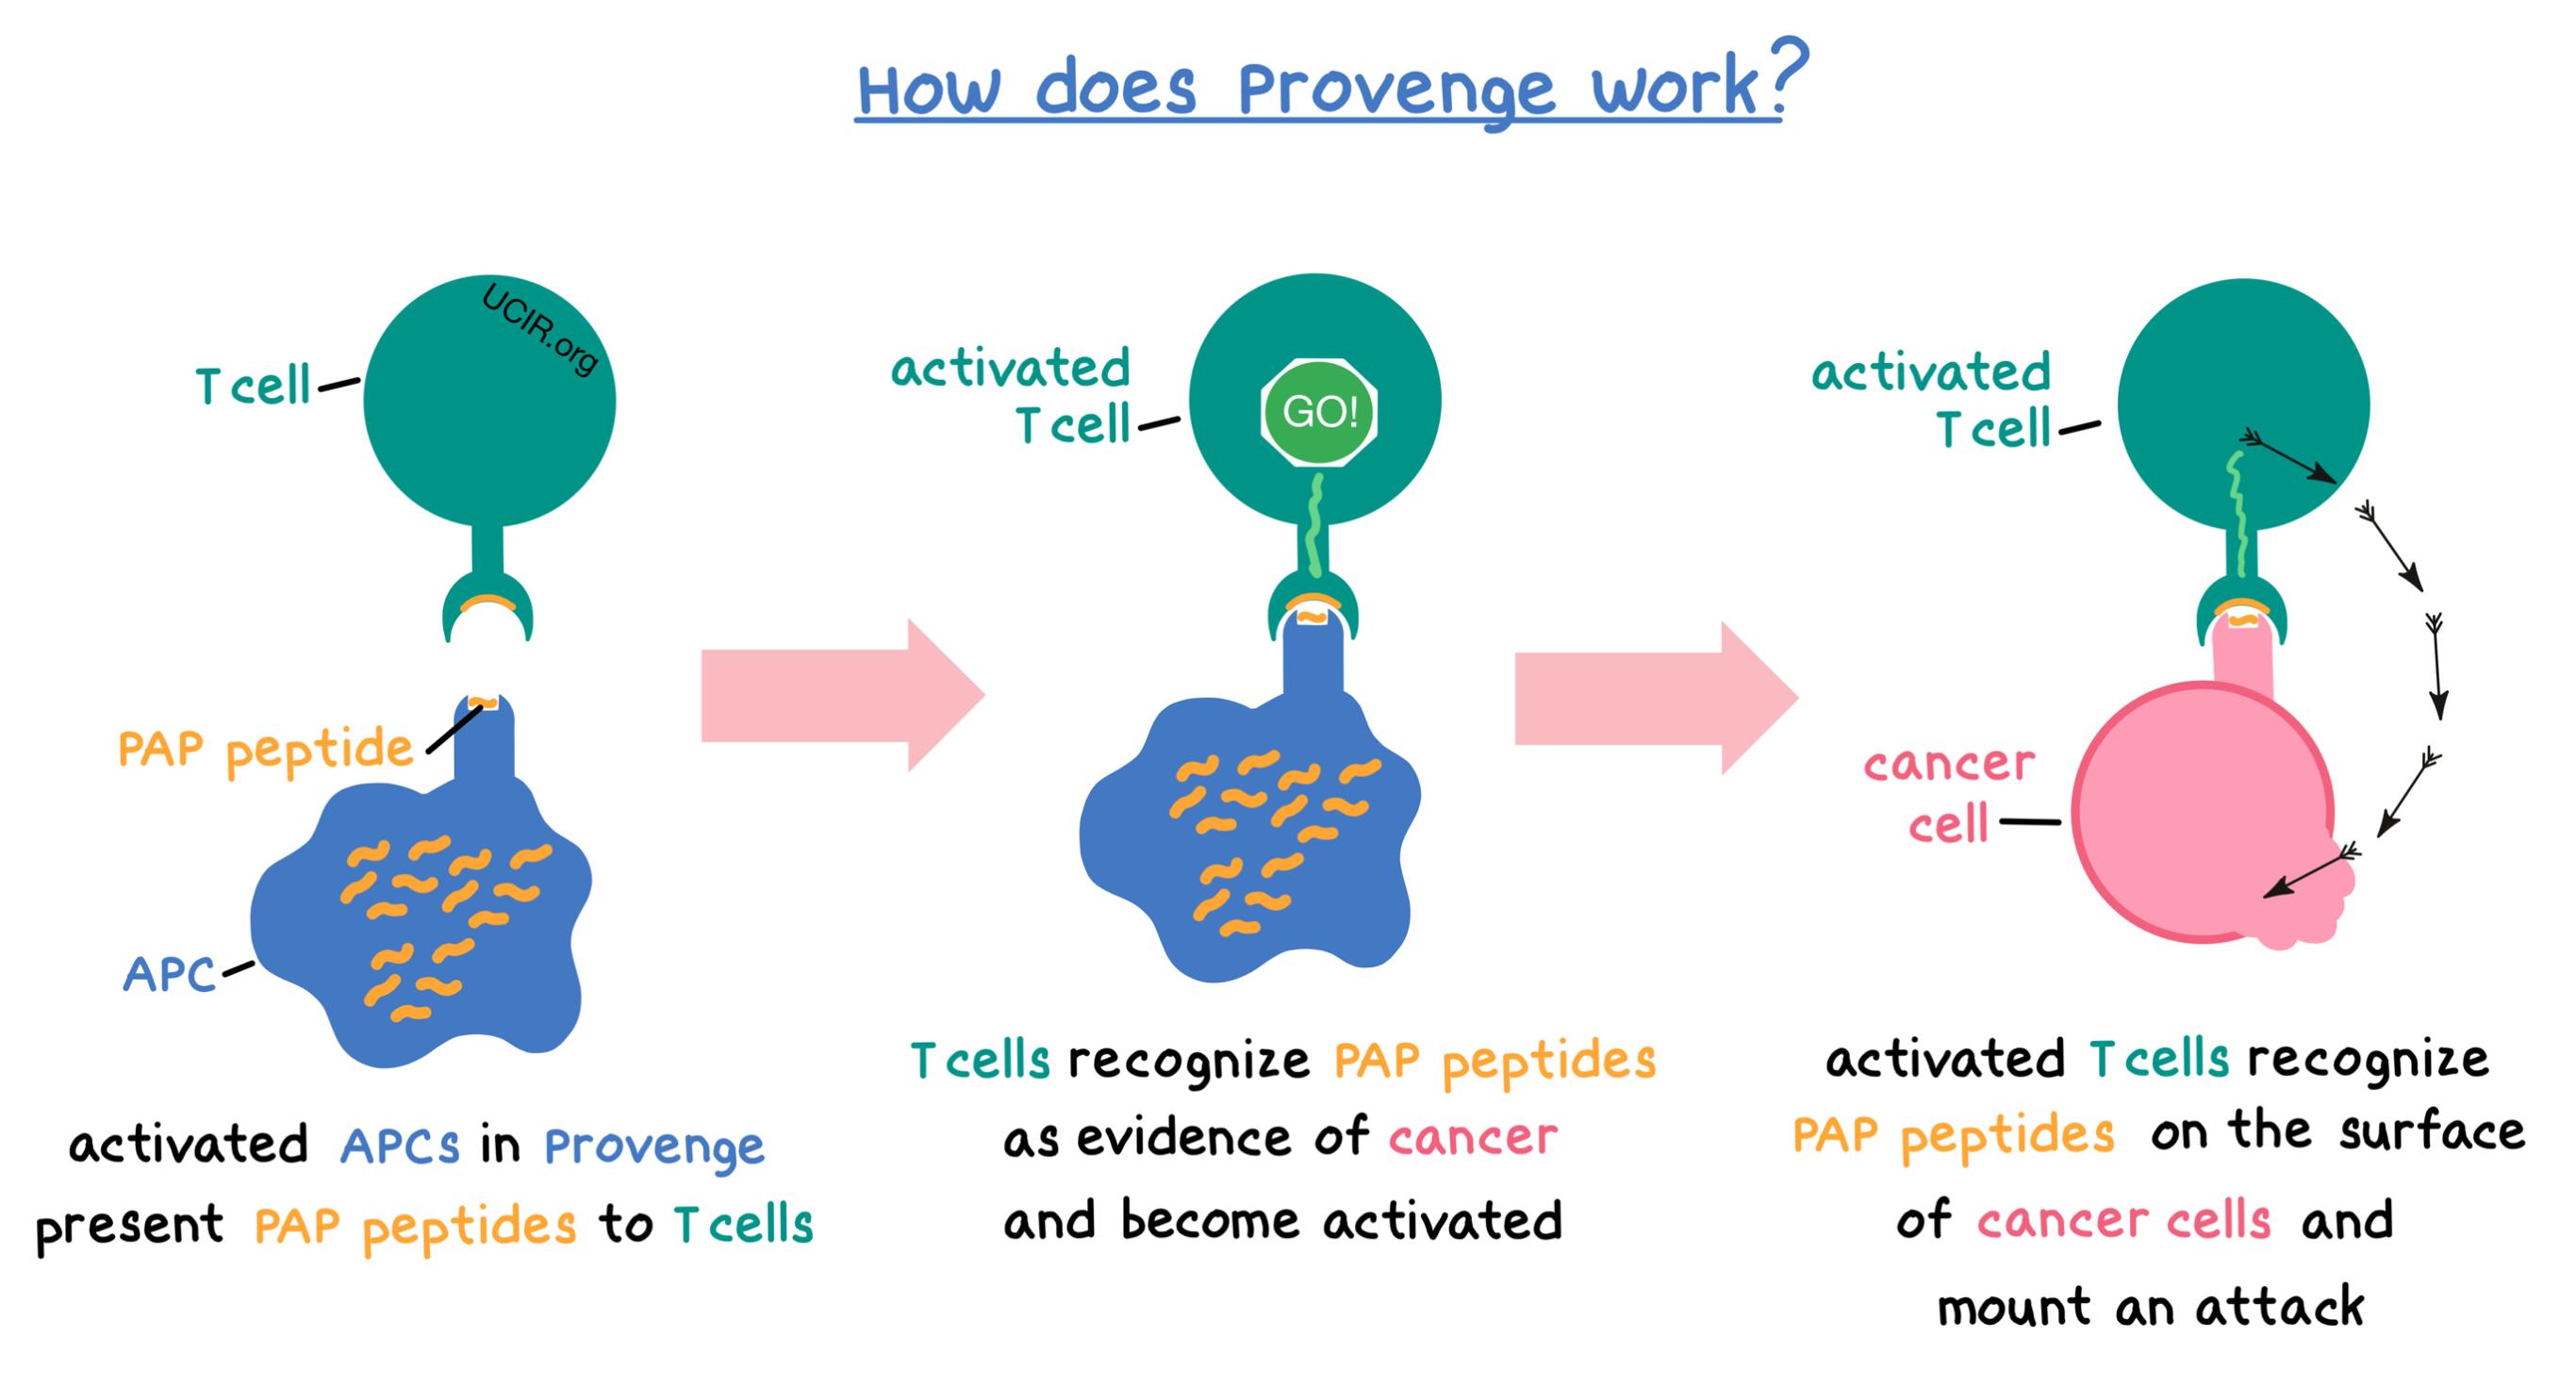 Illustration showing how Provenge works